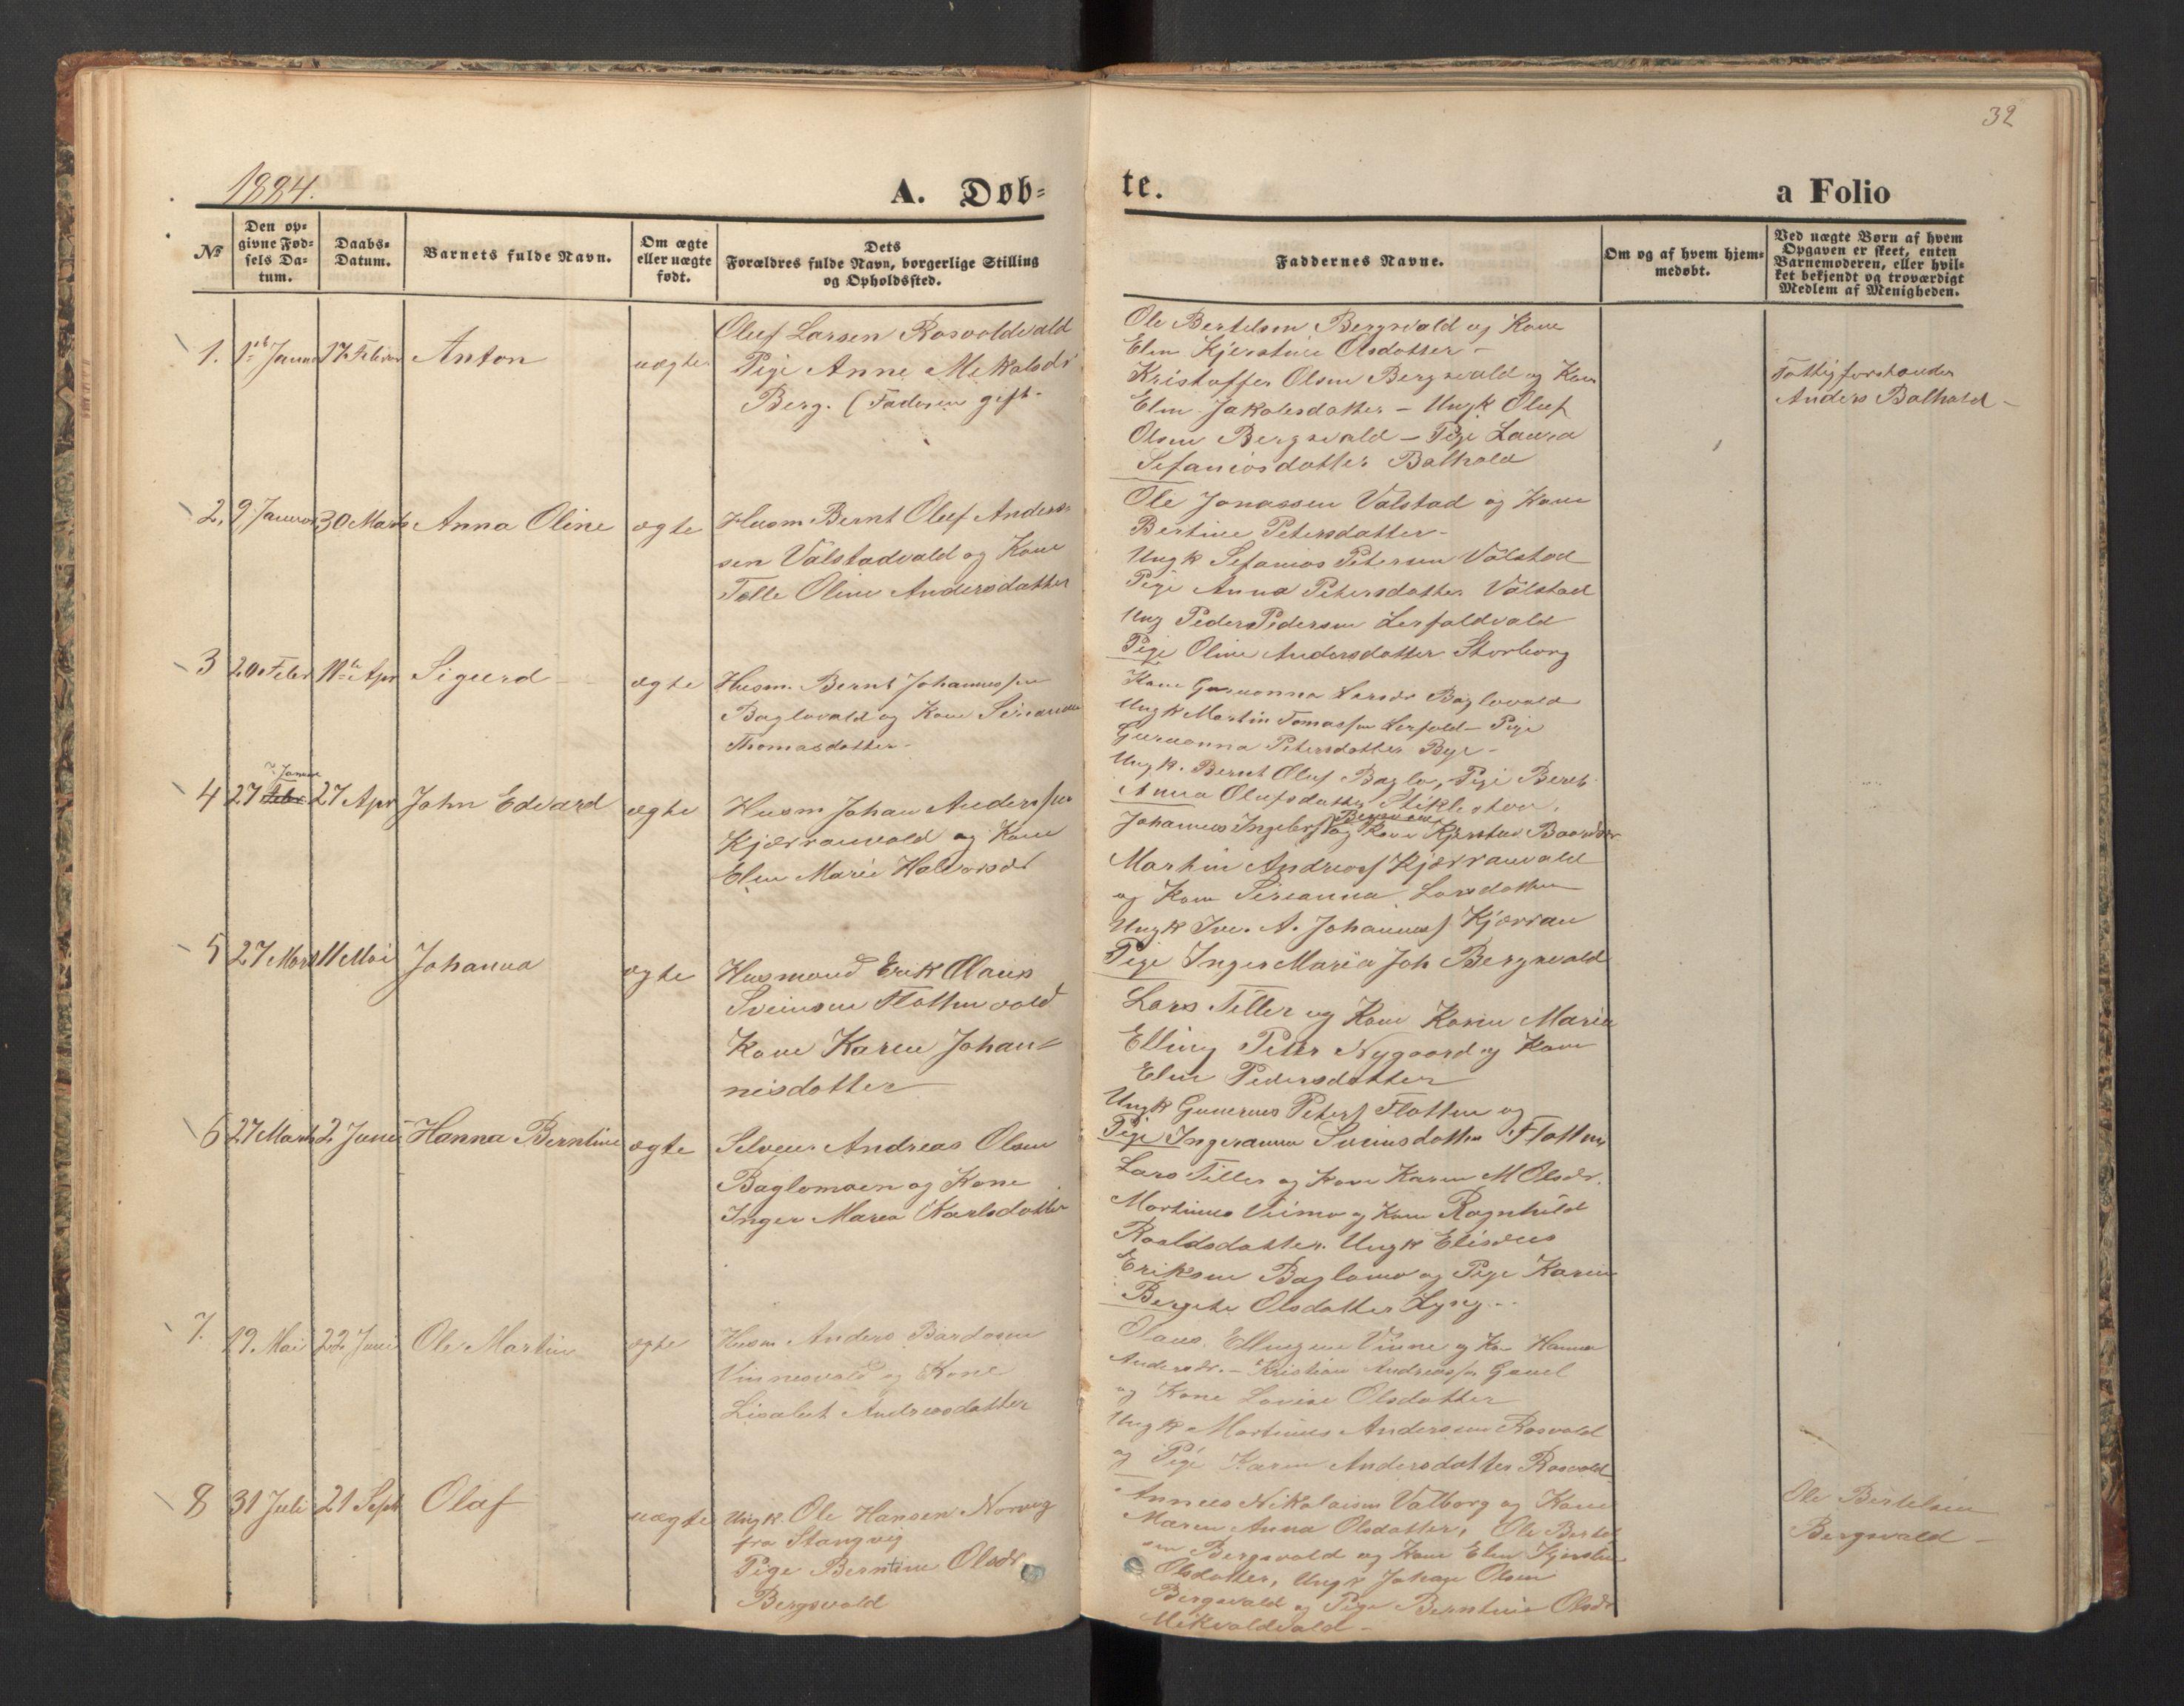 SAT, Ministerialprotokoller, klokkerbøker og fødselsregistre - Nord-Trøndelag, 726/L0271: Klokkerbok nr. 726C02, 1869-1897, s. 32